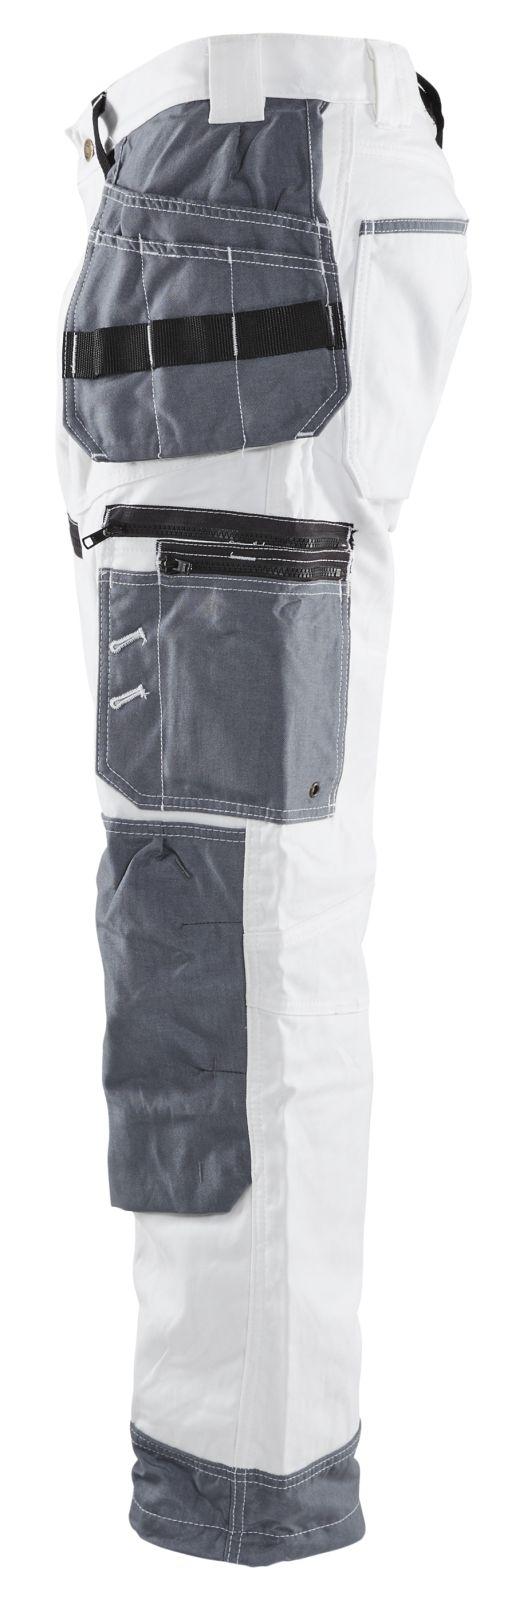 Blaklader Werkbroeken 15101210 wit-grijs(1094)